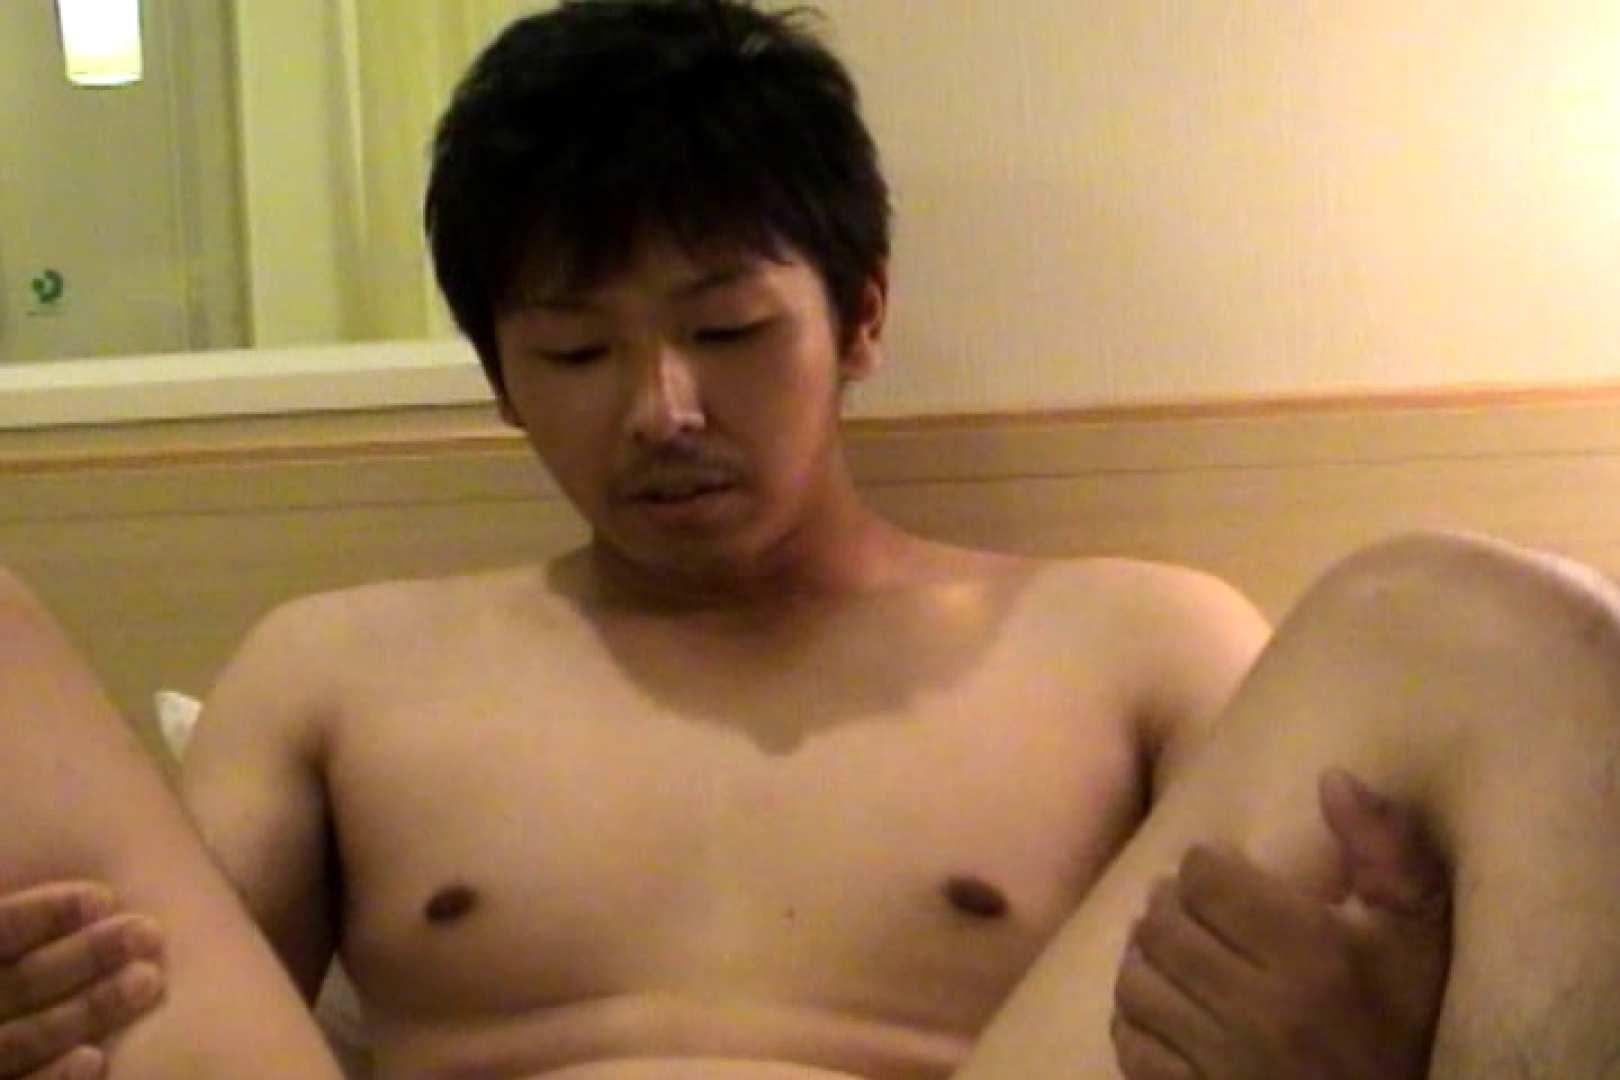 三ツ星シリーズ 魅惑のMemorial Night!! 突入01 フェラ最高 | スポーツマン ゲイ素人エロ画像 9連発 2